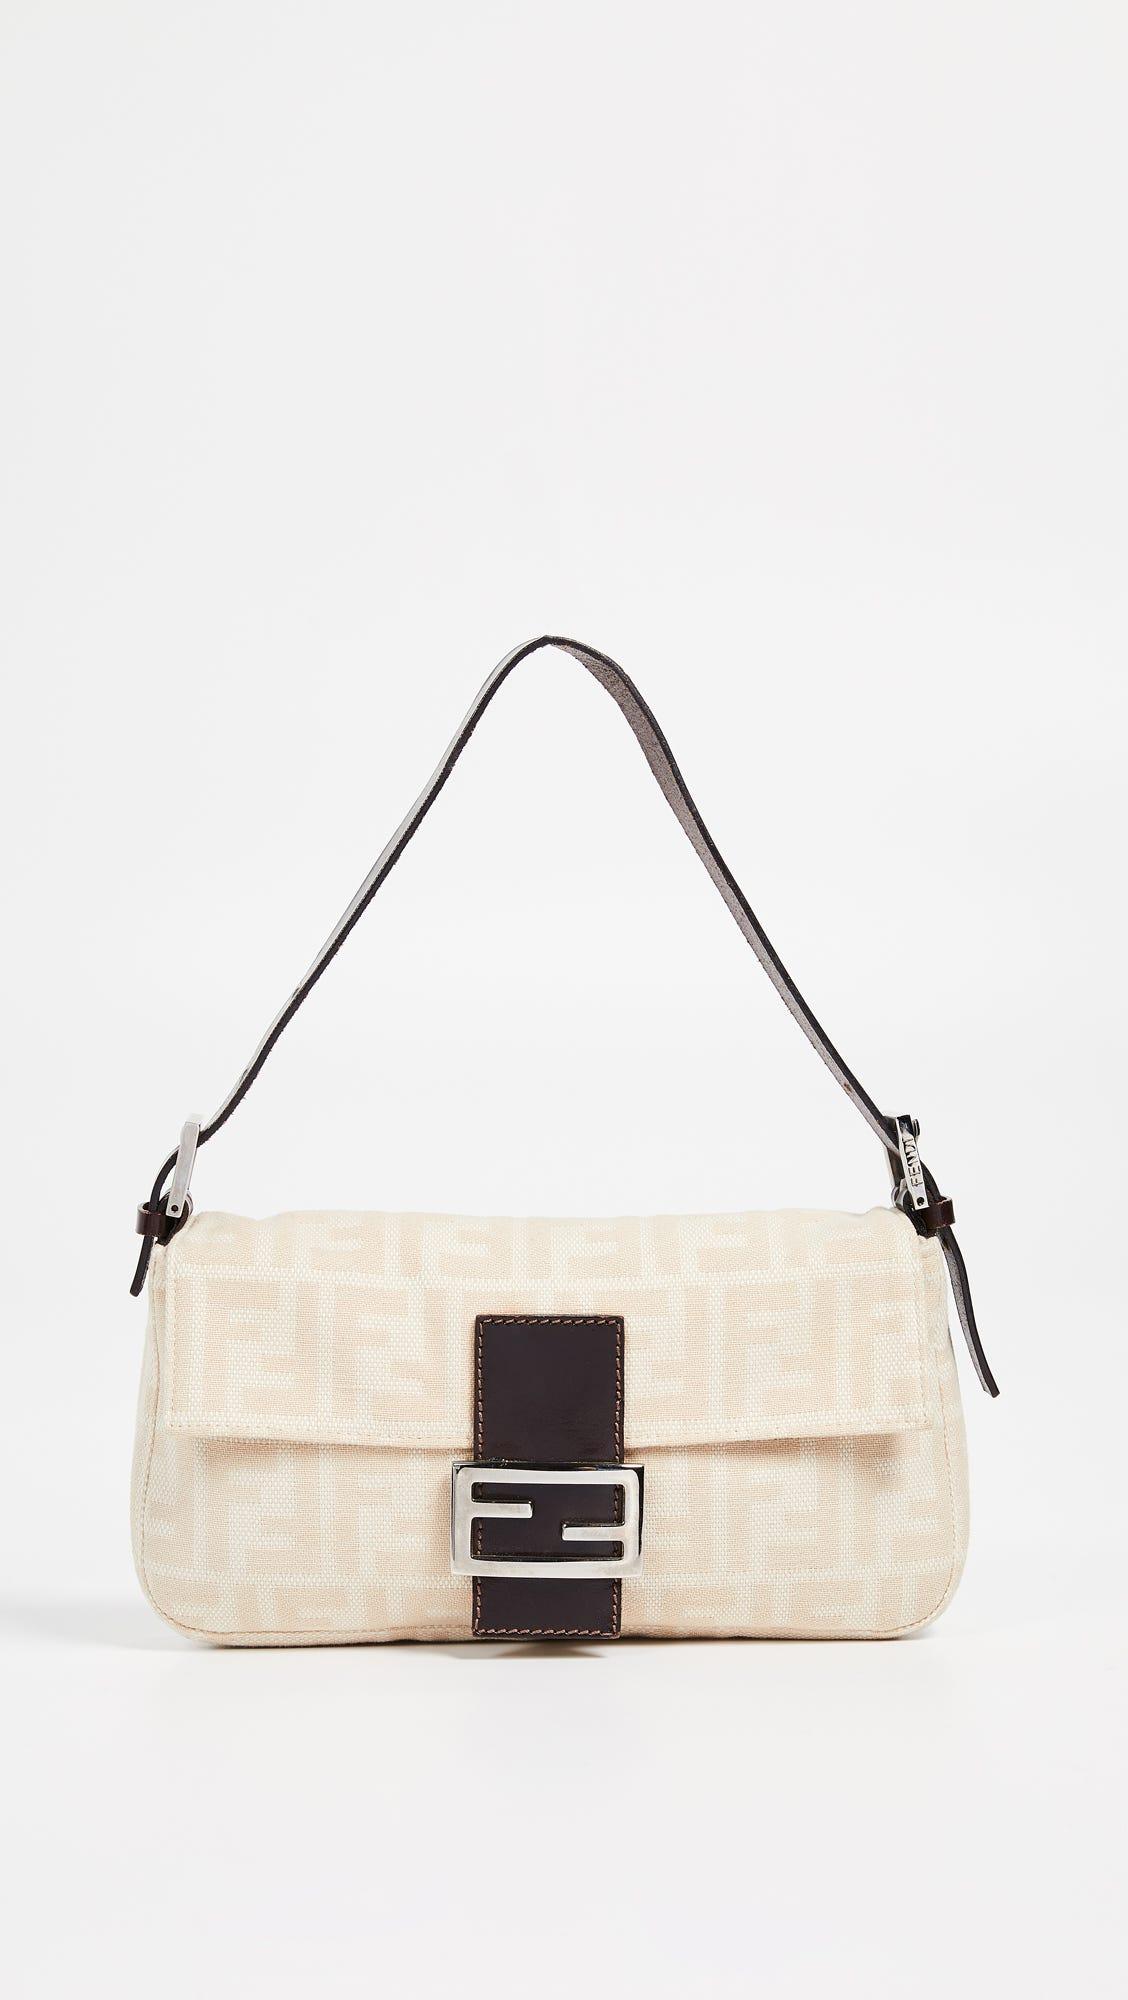 """Frankie on Instagram: """"We created this rework mini handbag"""